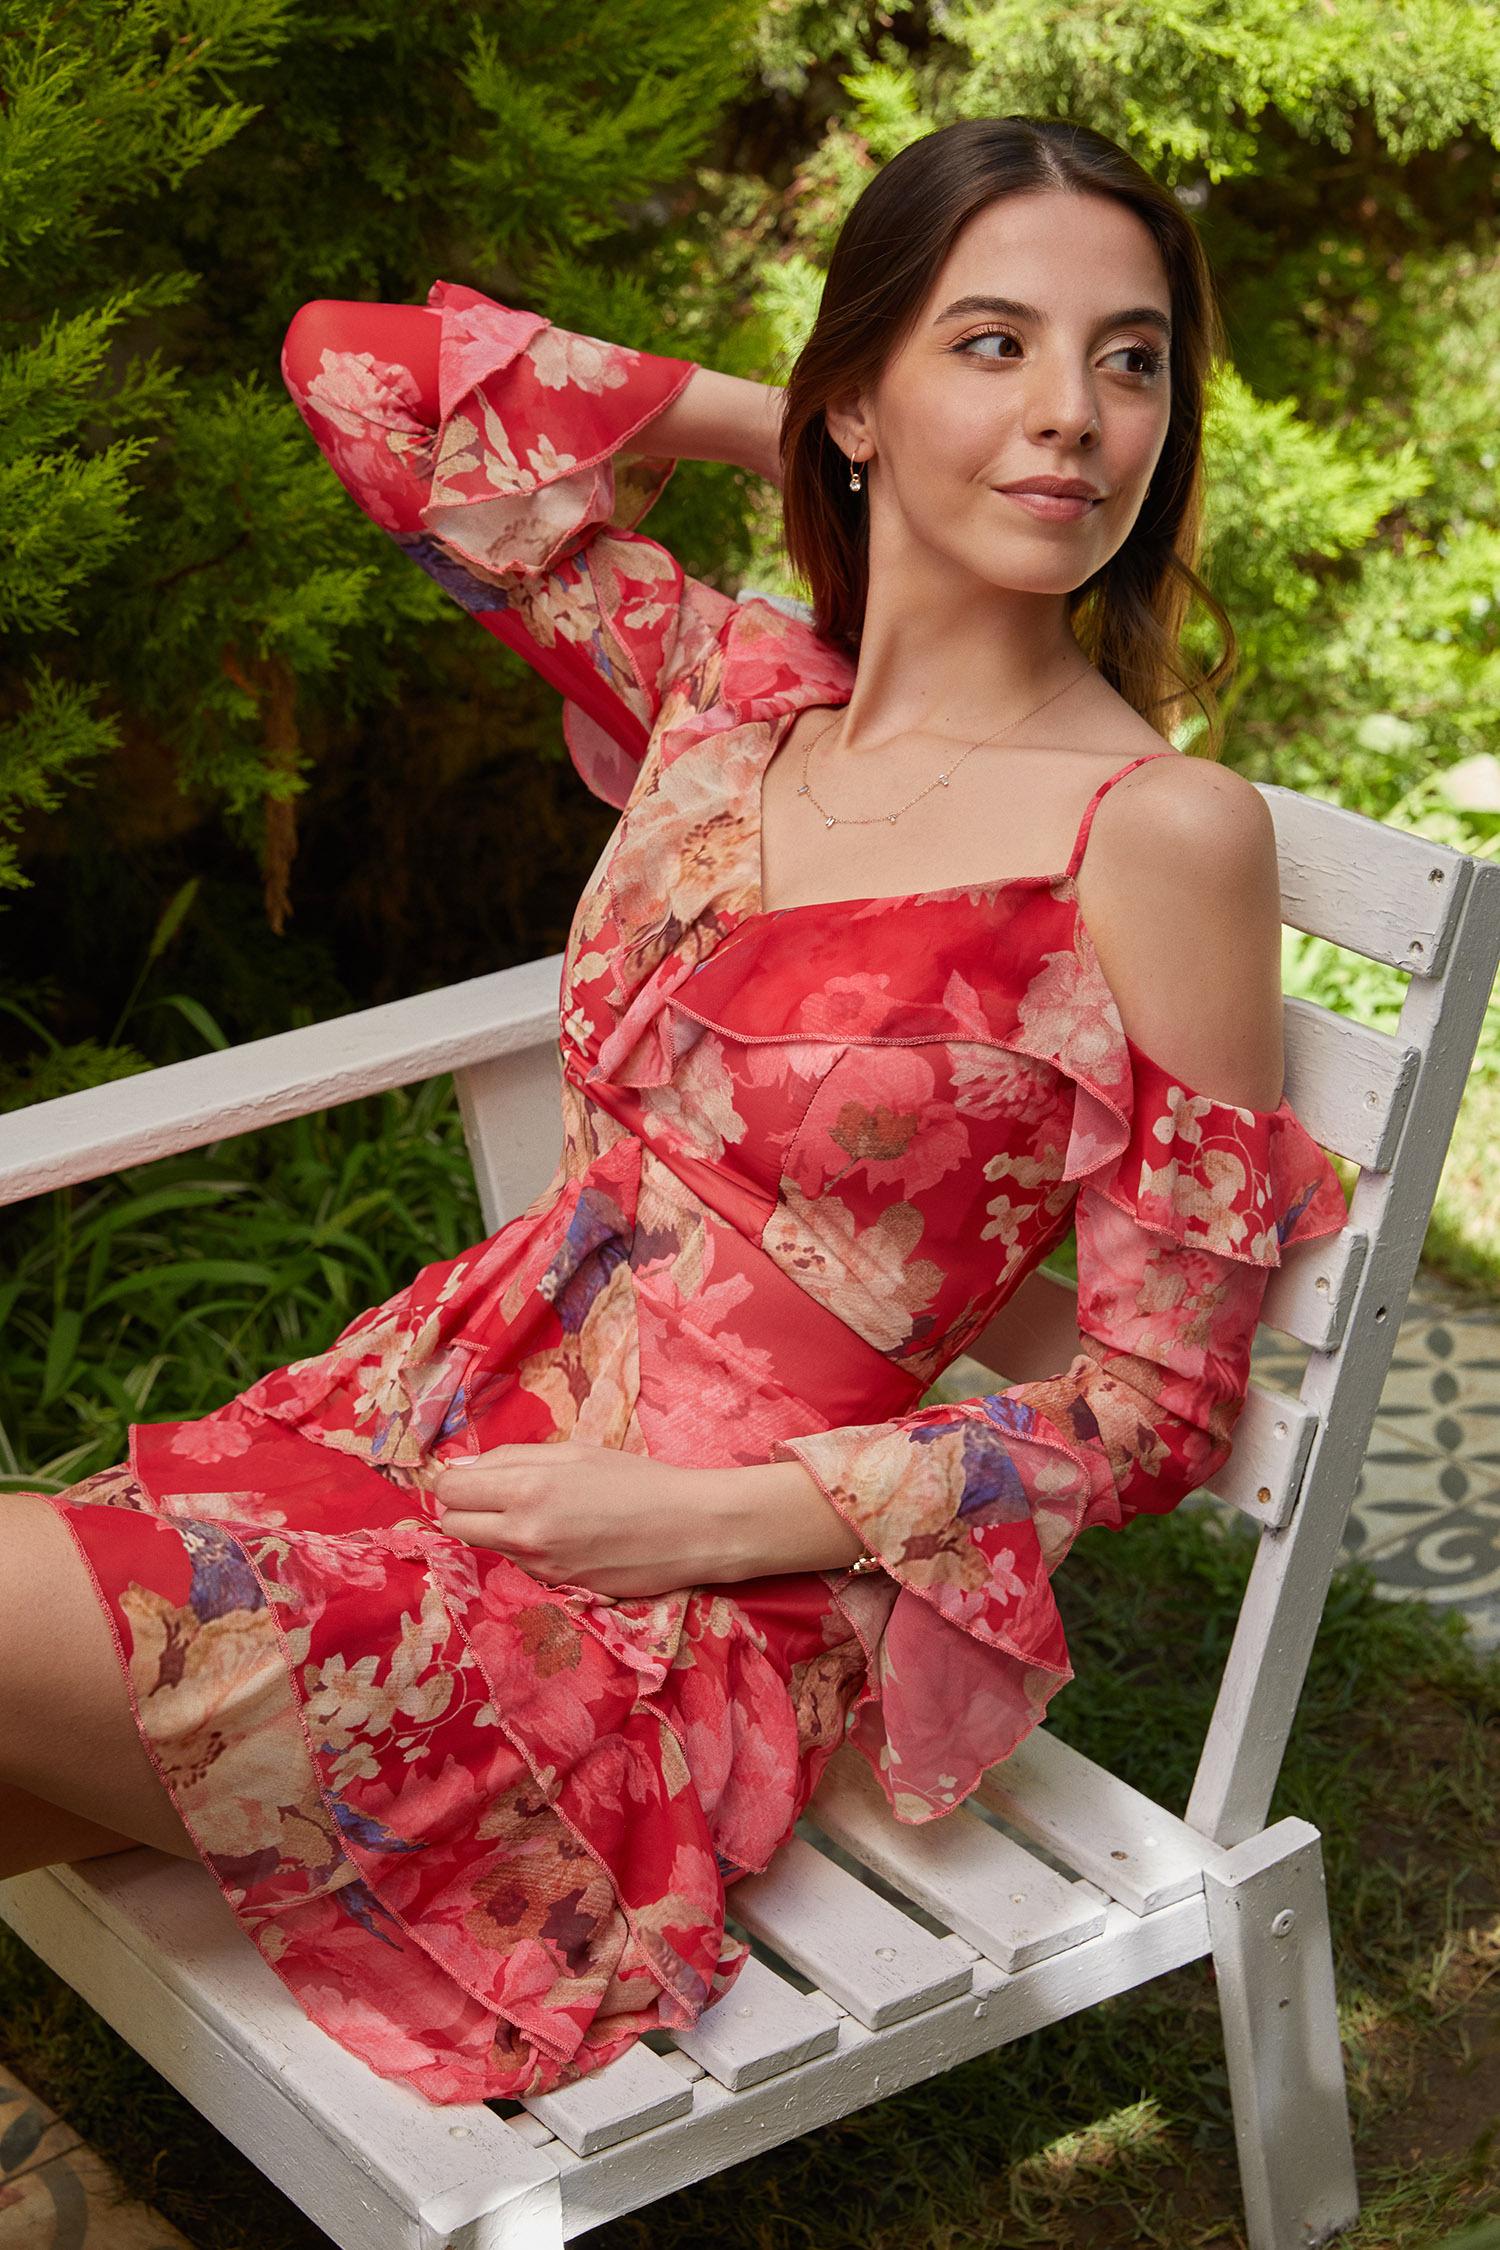 Kırmızı Tek Omzu Açık Uzun Kollu Çiçekli Şifon Kısa Elbise - Thumbnail